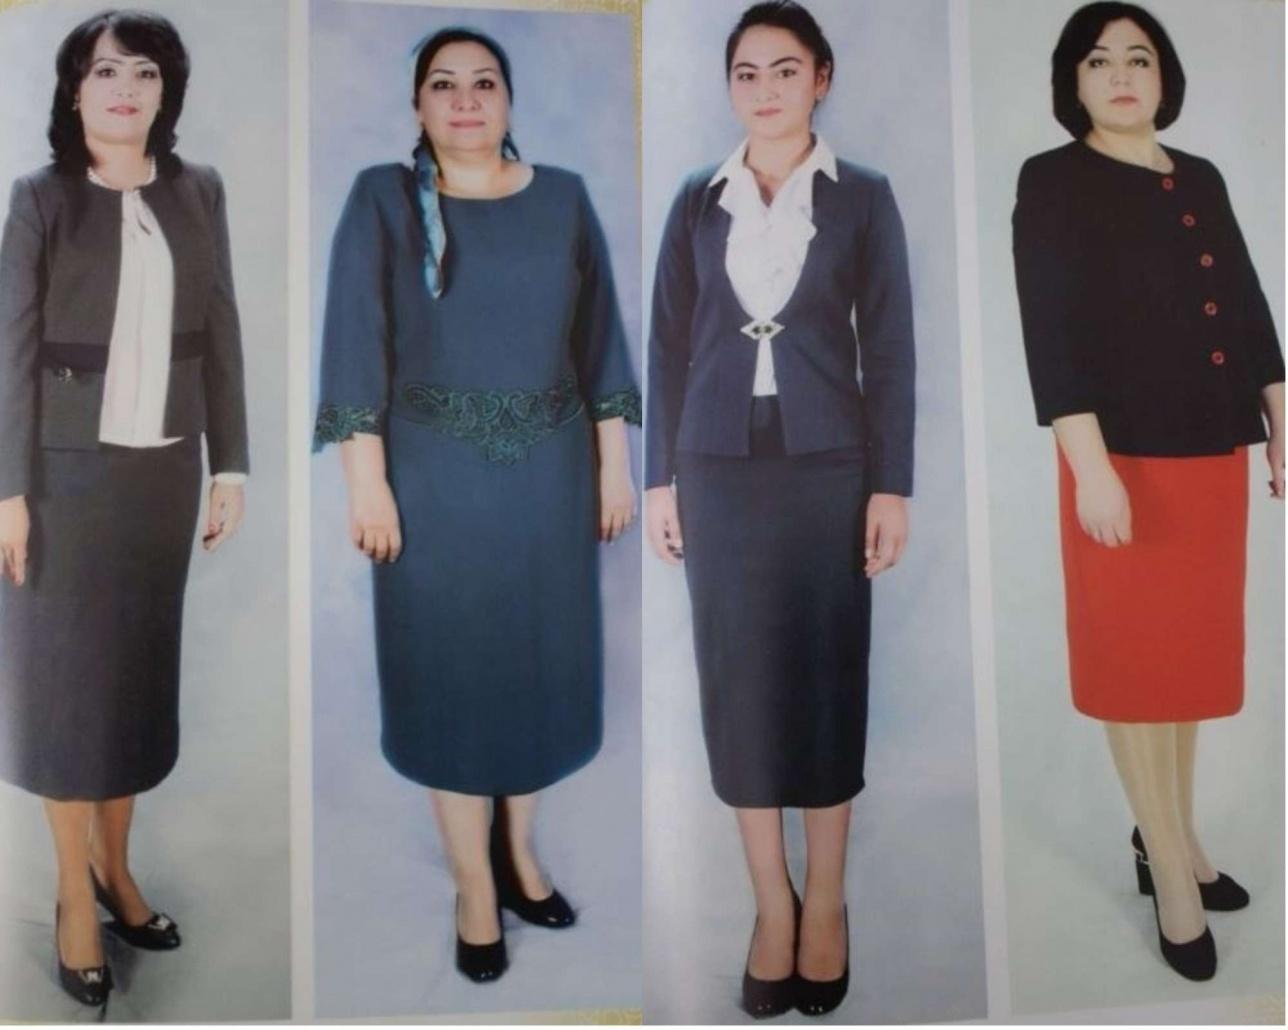 Так стоит одеваться женщинам на госслужбе